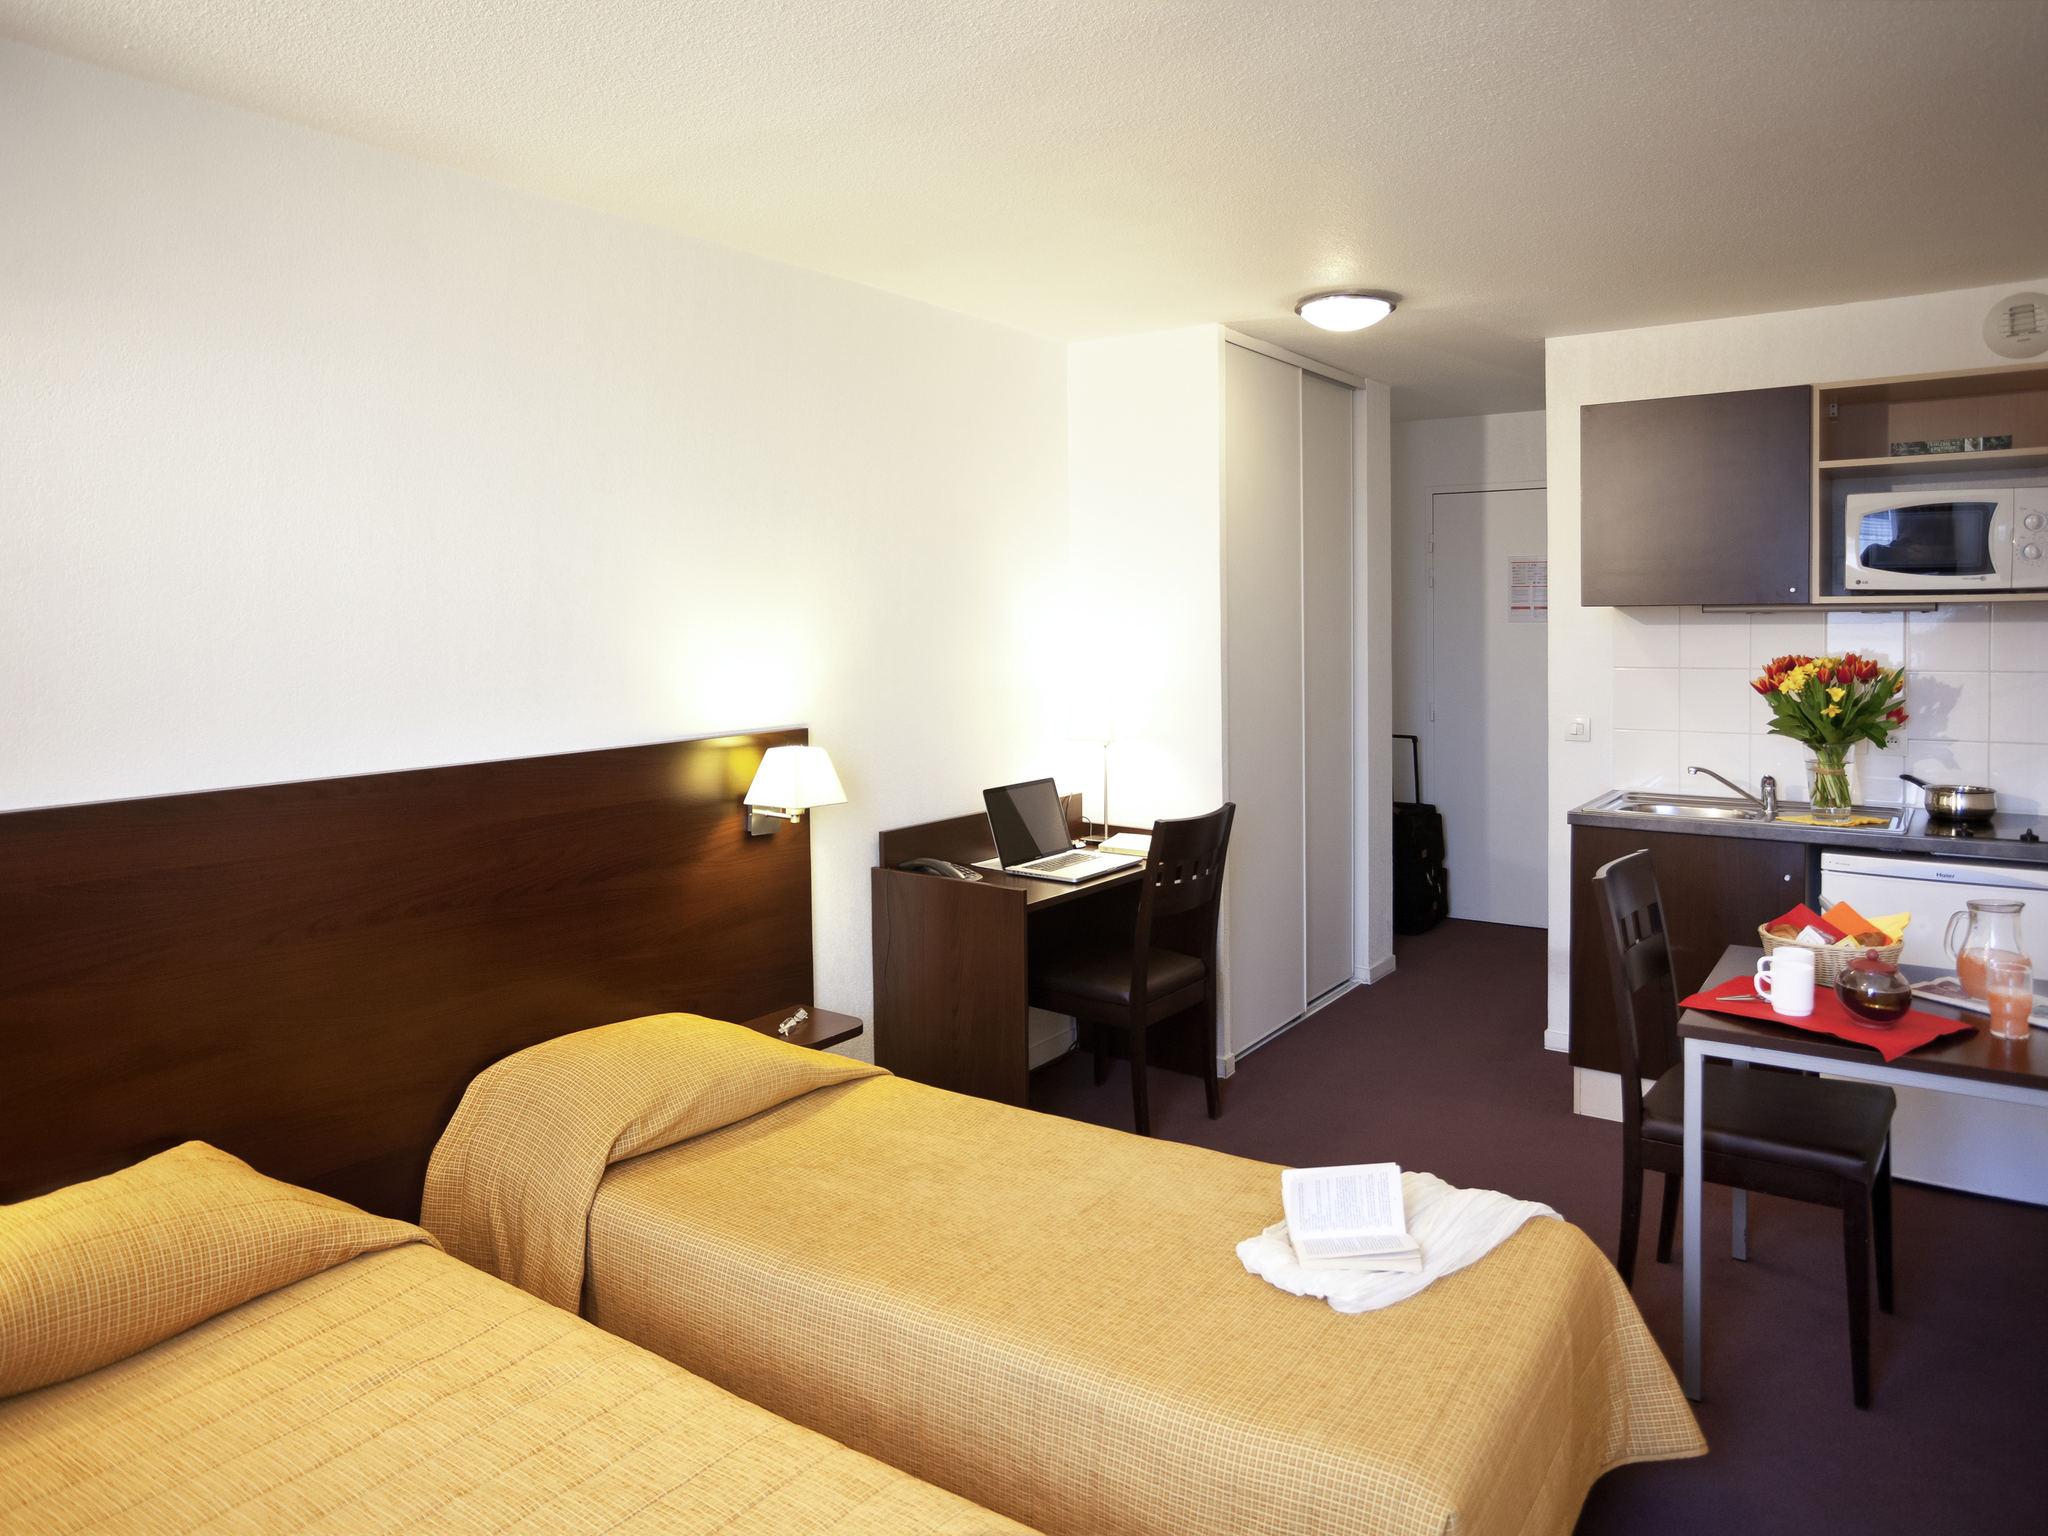 โรงแรม – Aparthotel Adagio access Paris Saint-Denis Pleyel